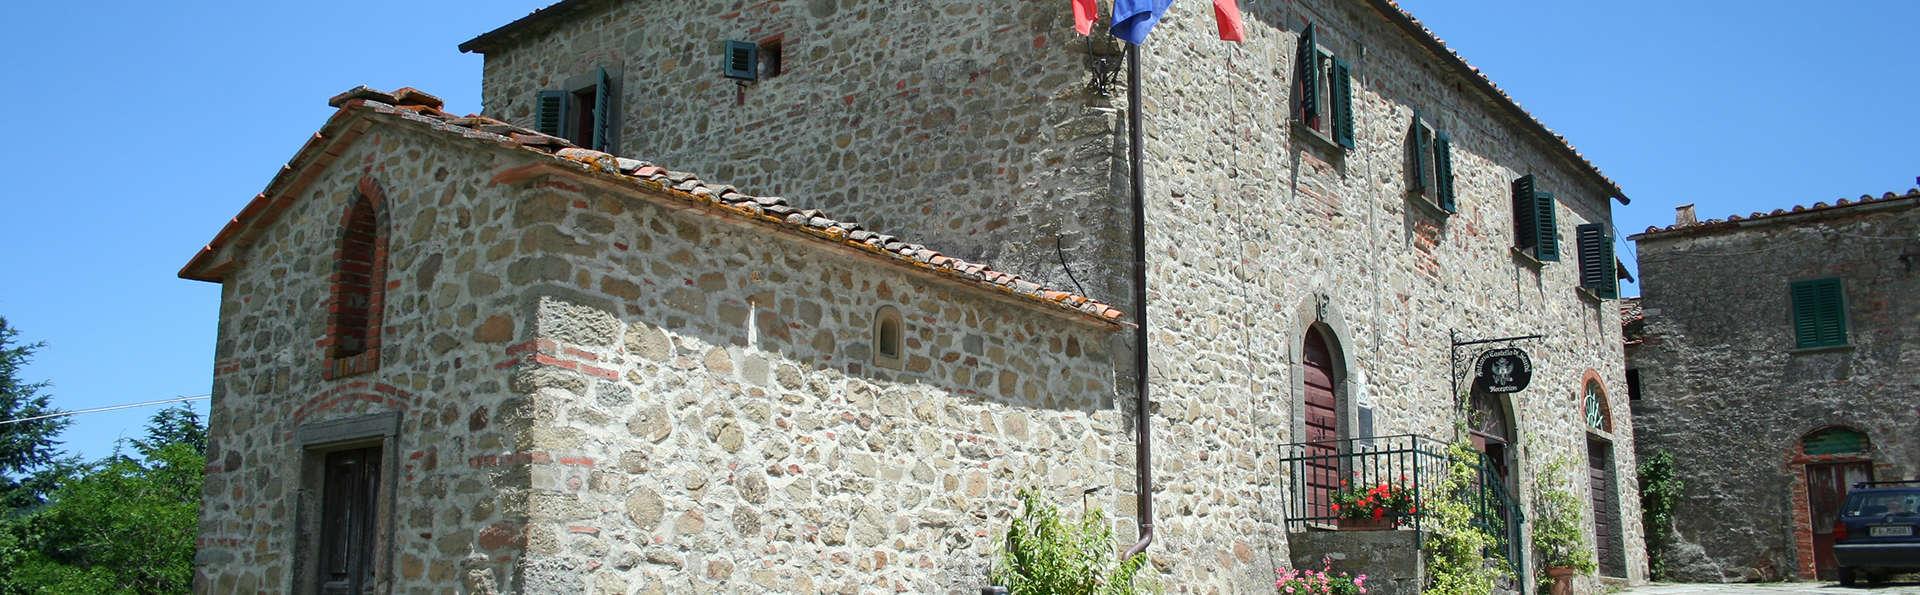 Fattoria Castello di Starda - EDIT_front2.jpg